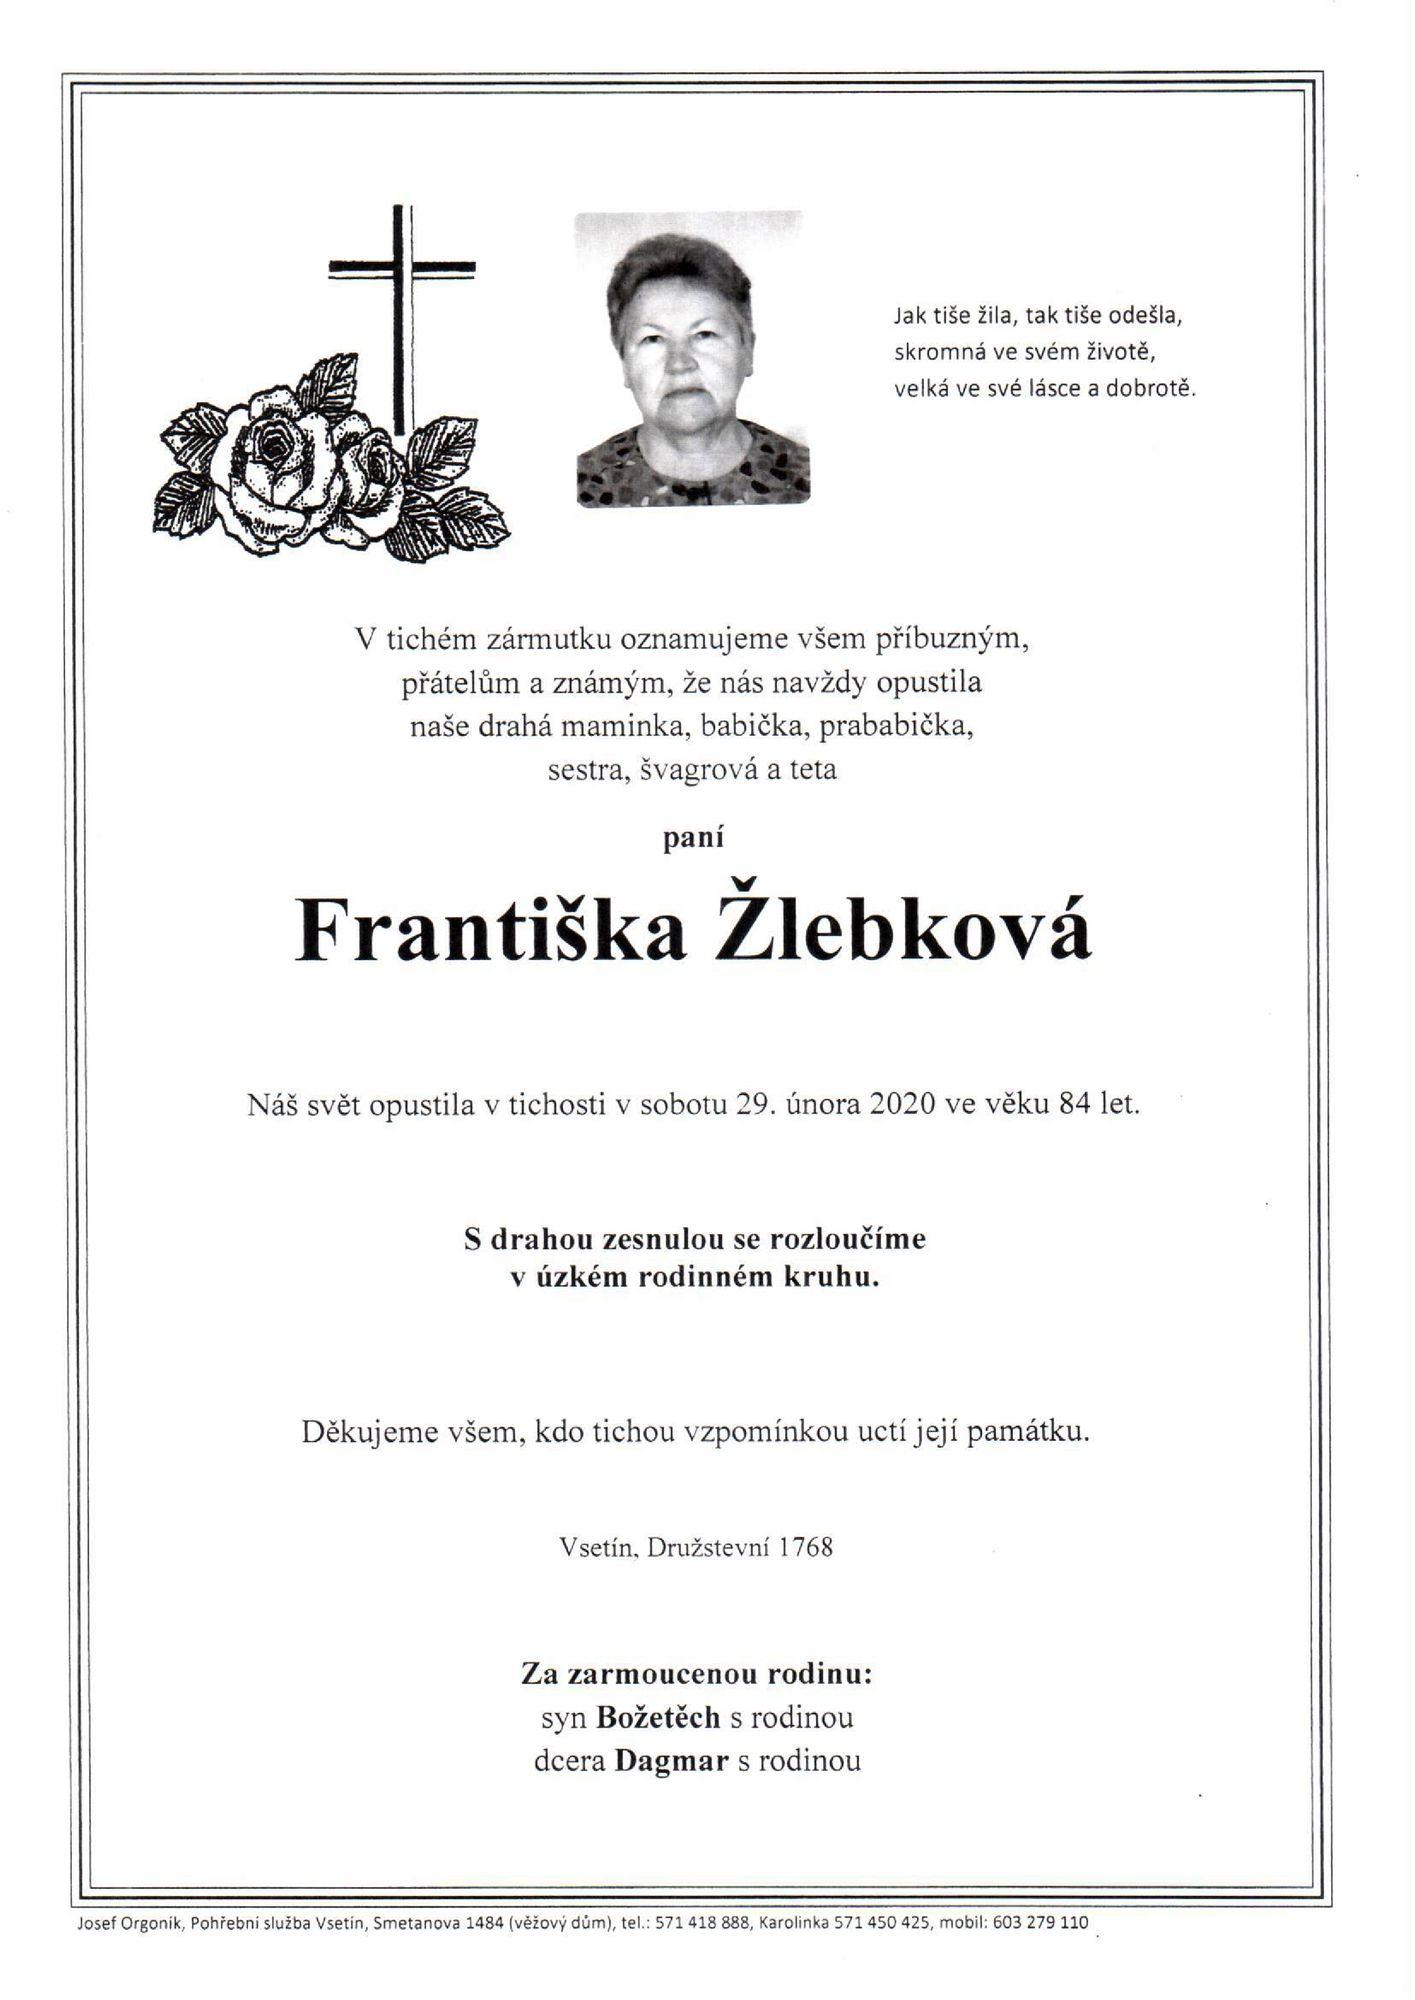 Františka Žlebková